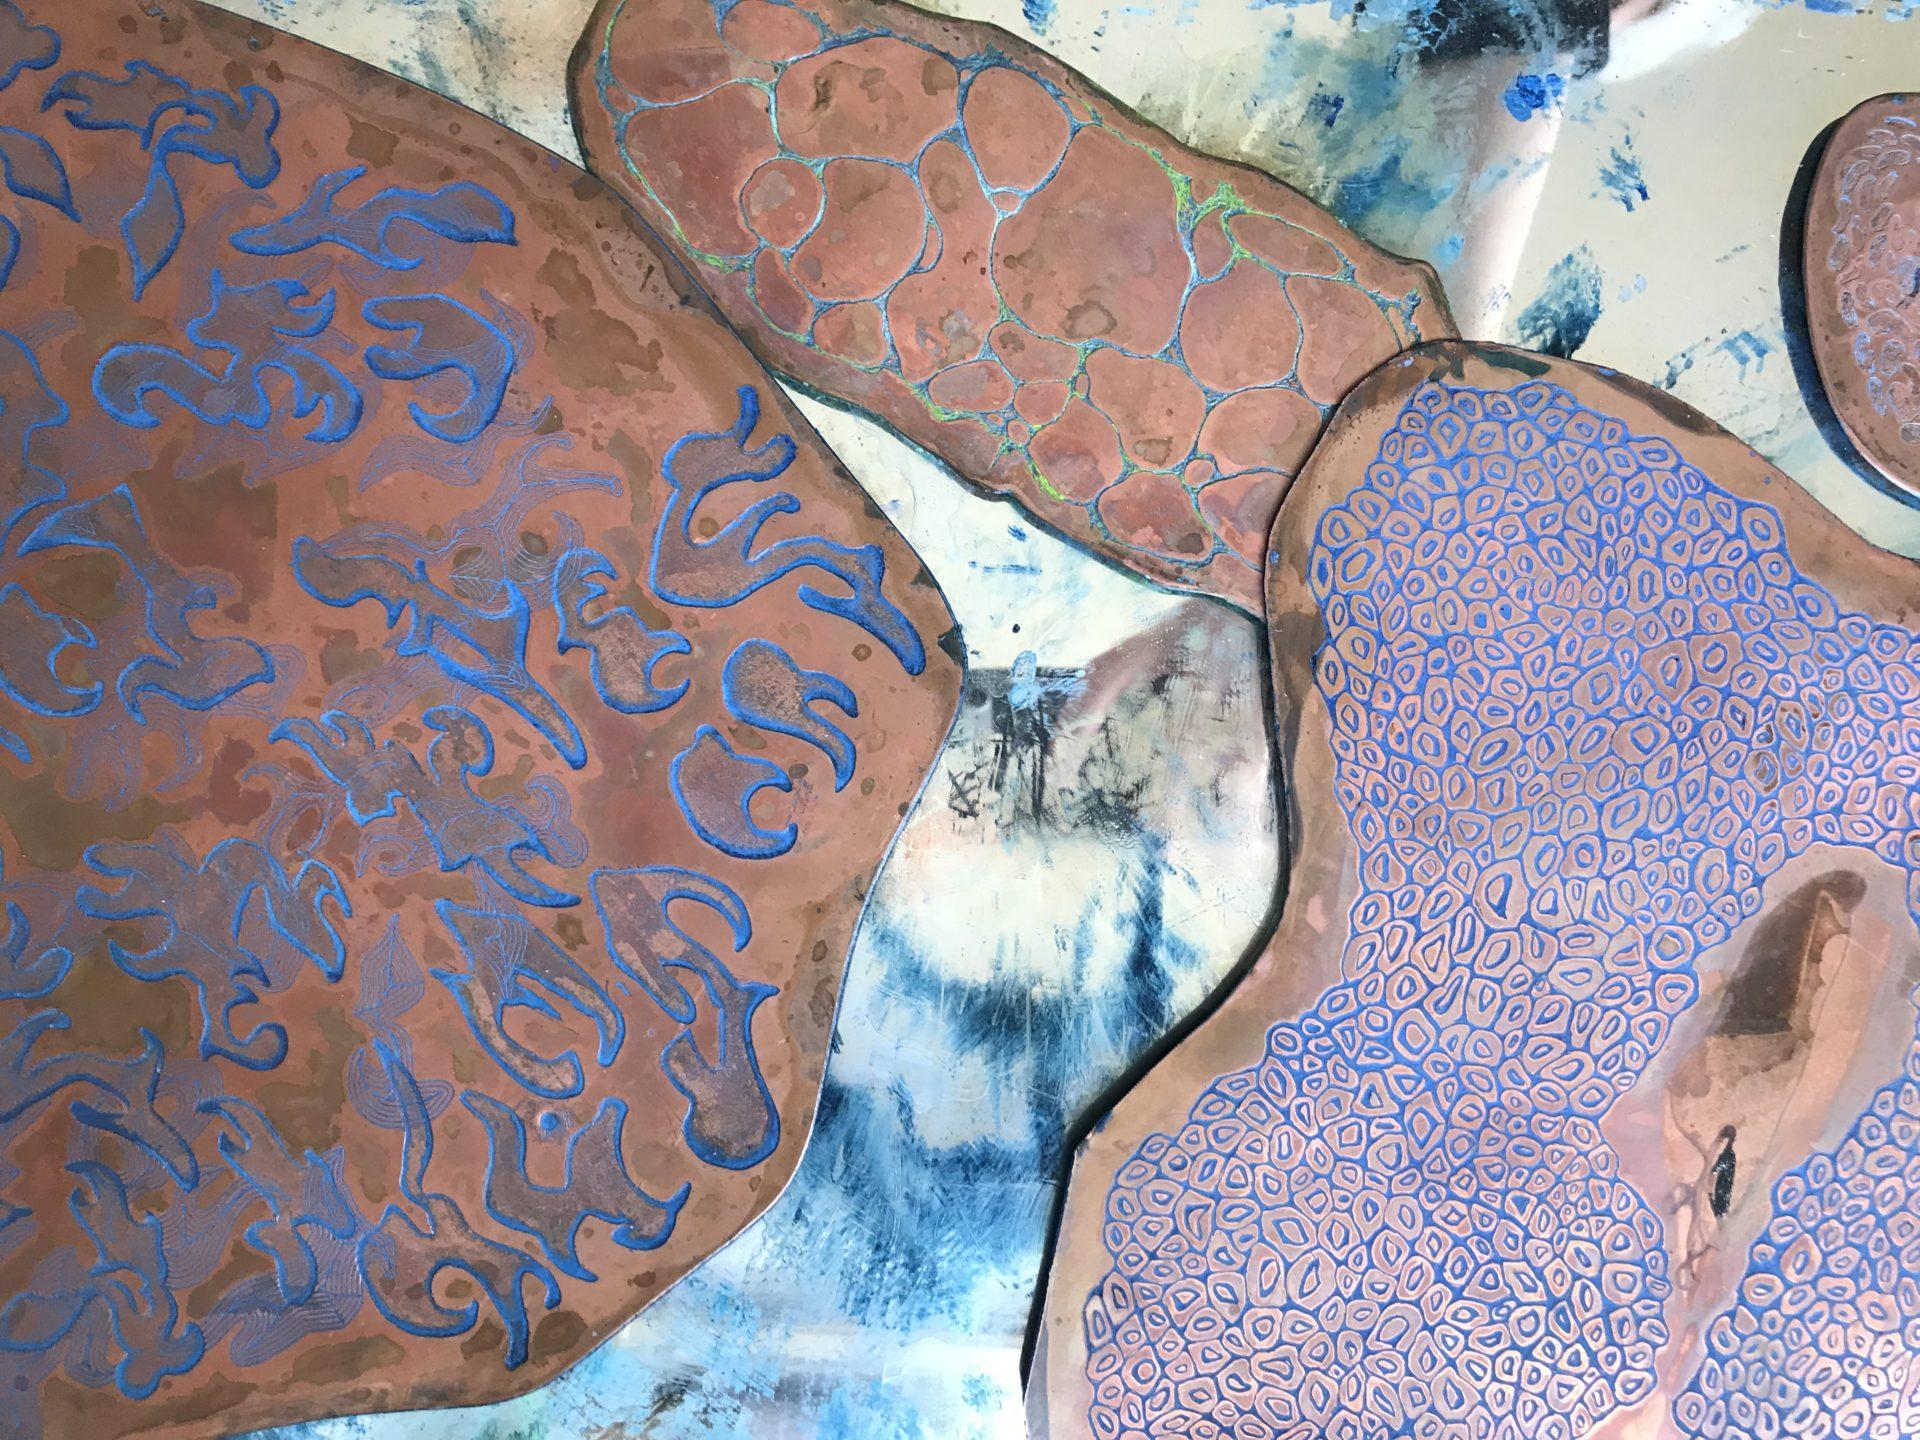 Margaret Craig's Oceanic Plasticity